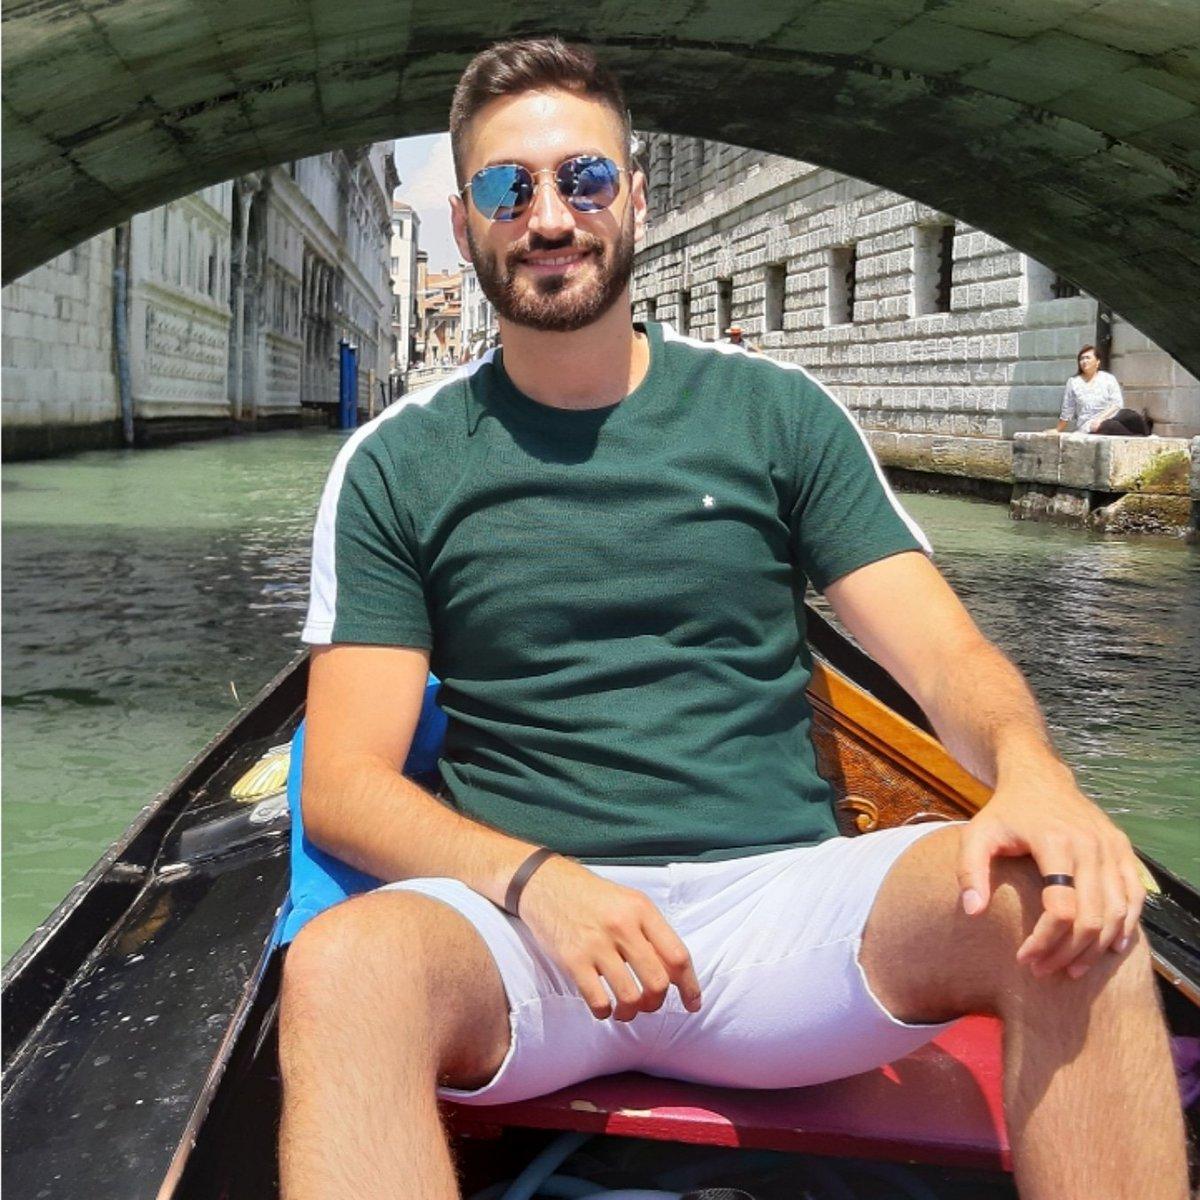 Throwback to when we had a normal life  When in Venice  #OneYearAgo #Venice #Venezia #FloatingCity #Gondola #Italy #WhenInItaly #Italia #TourismInItalypic.twitter.com/epOItmbENC